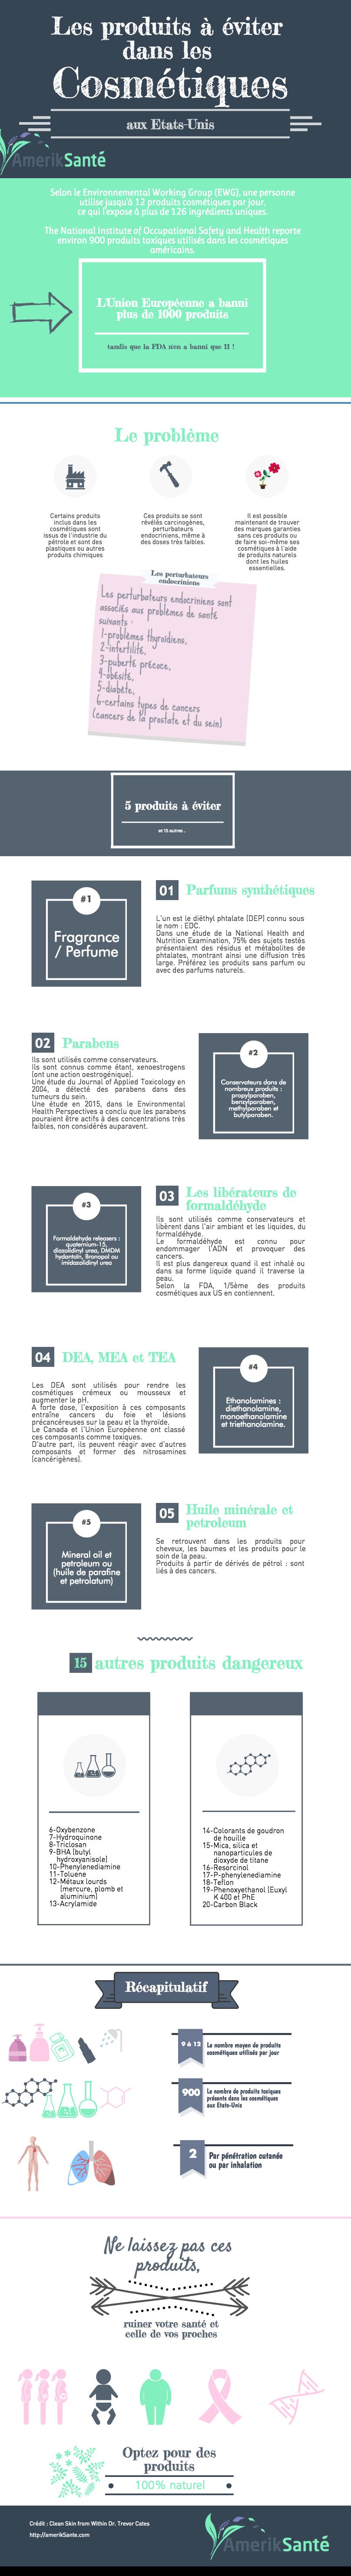 infographie cosmétiques aux Etats-Unis